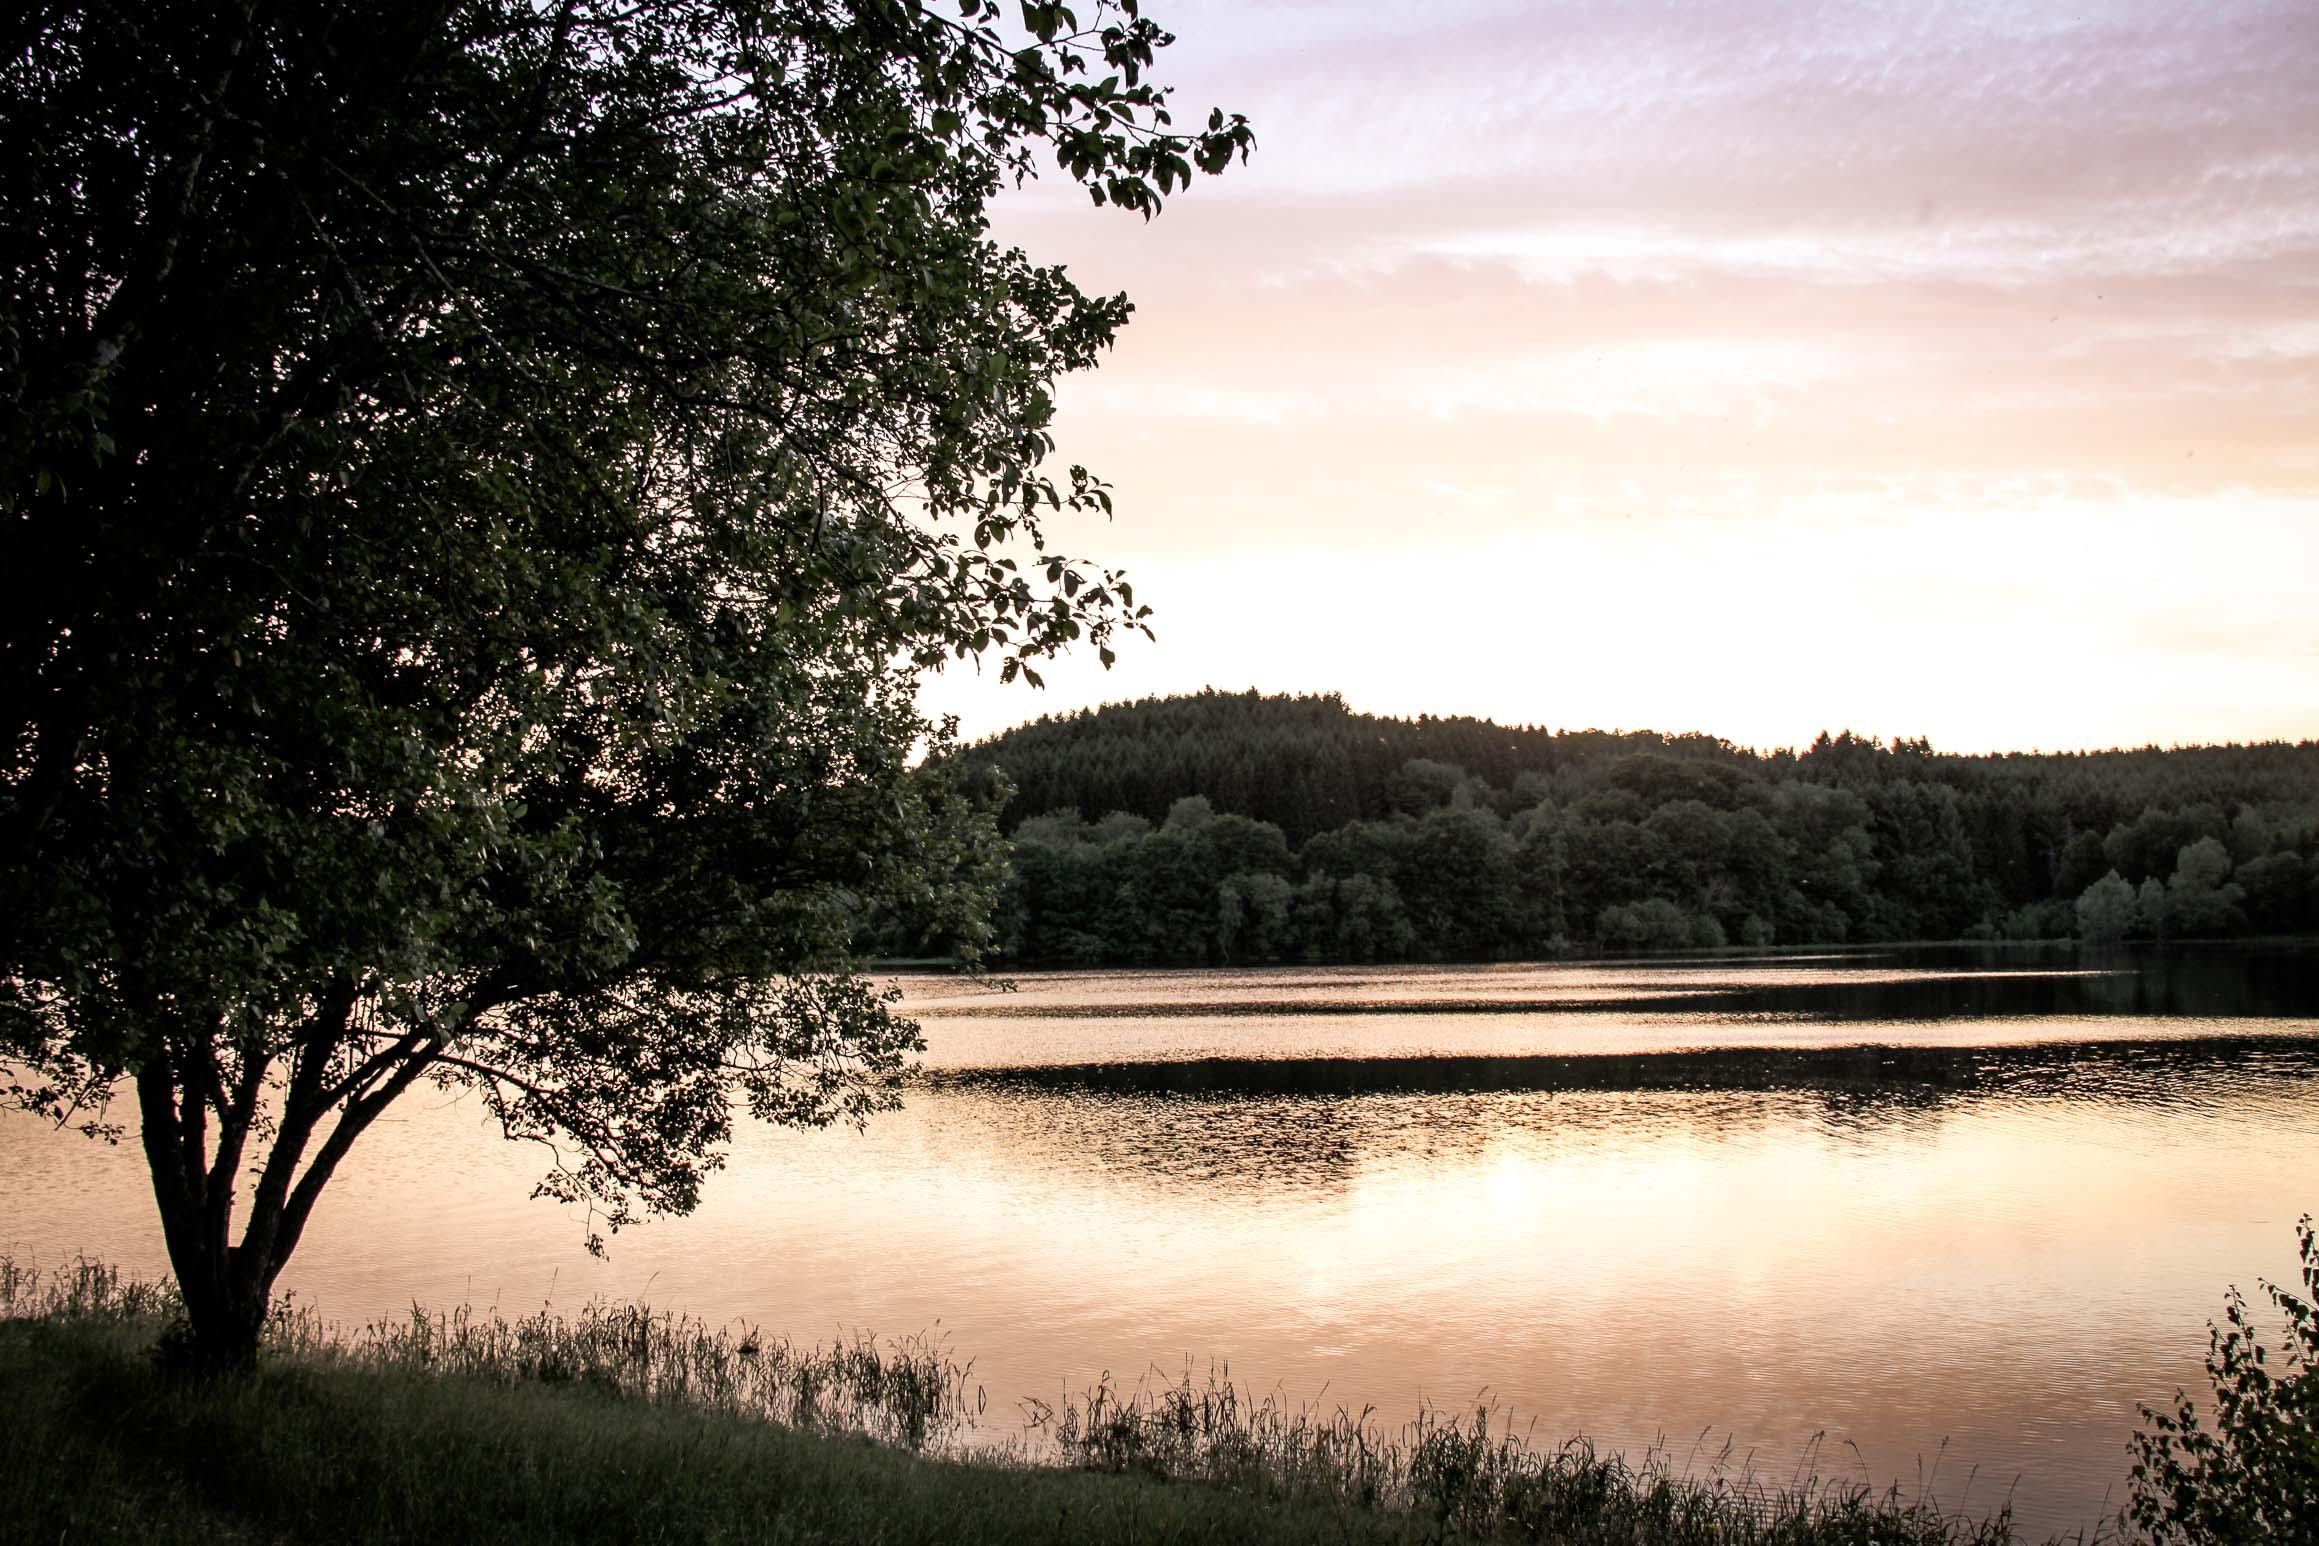 jeux de lumière : Lac de Chamboux prémices d'un coucher de soleil